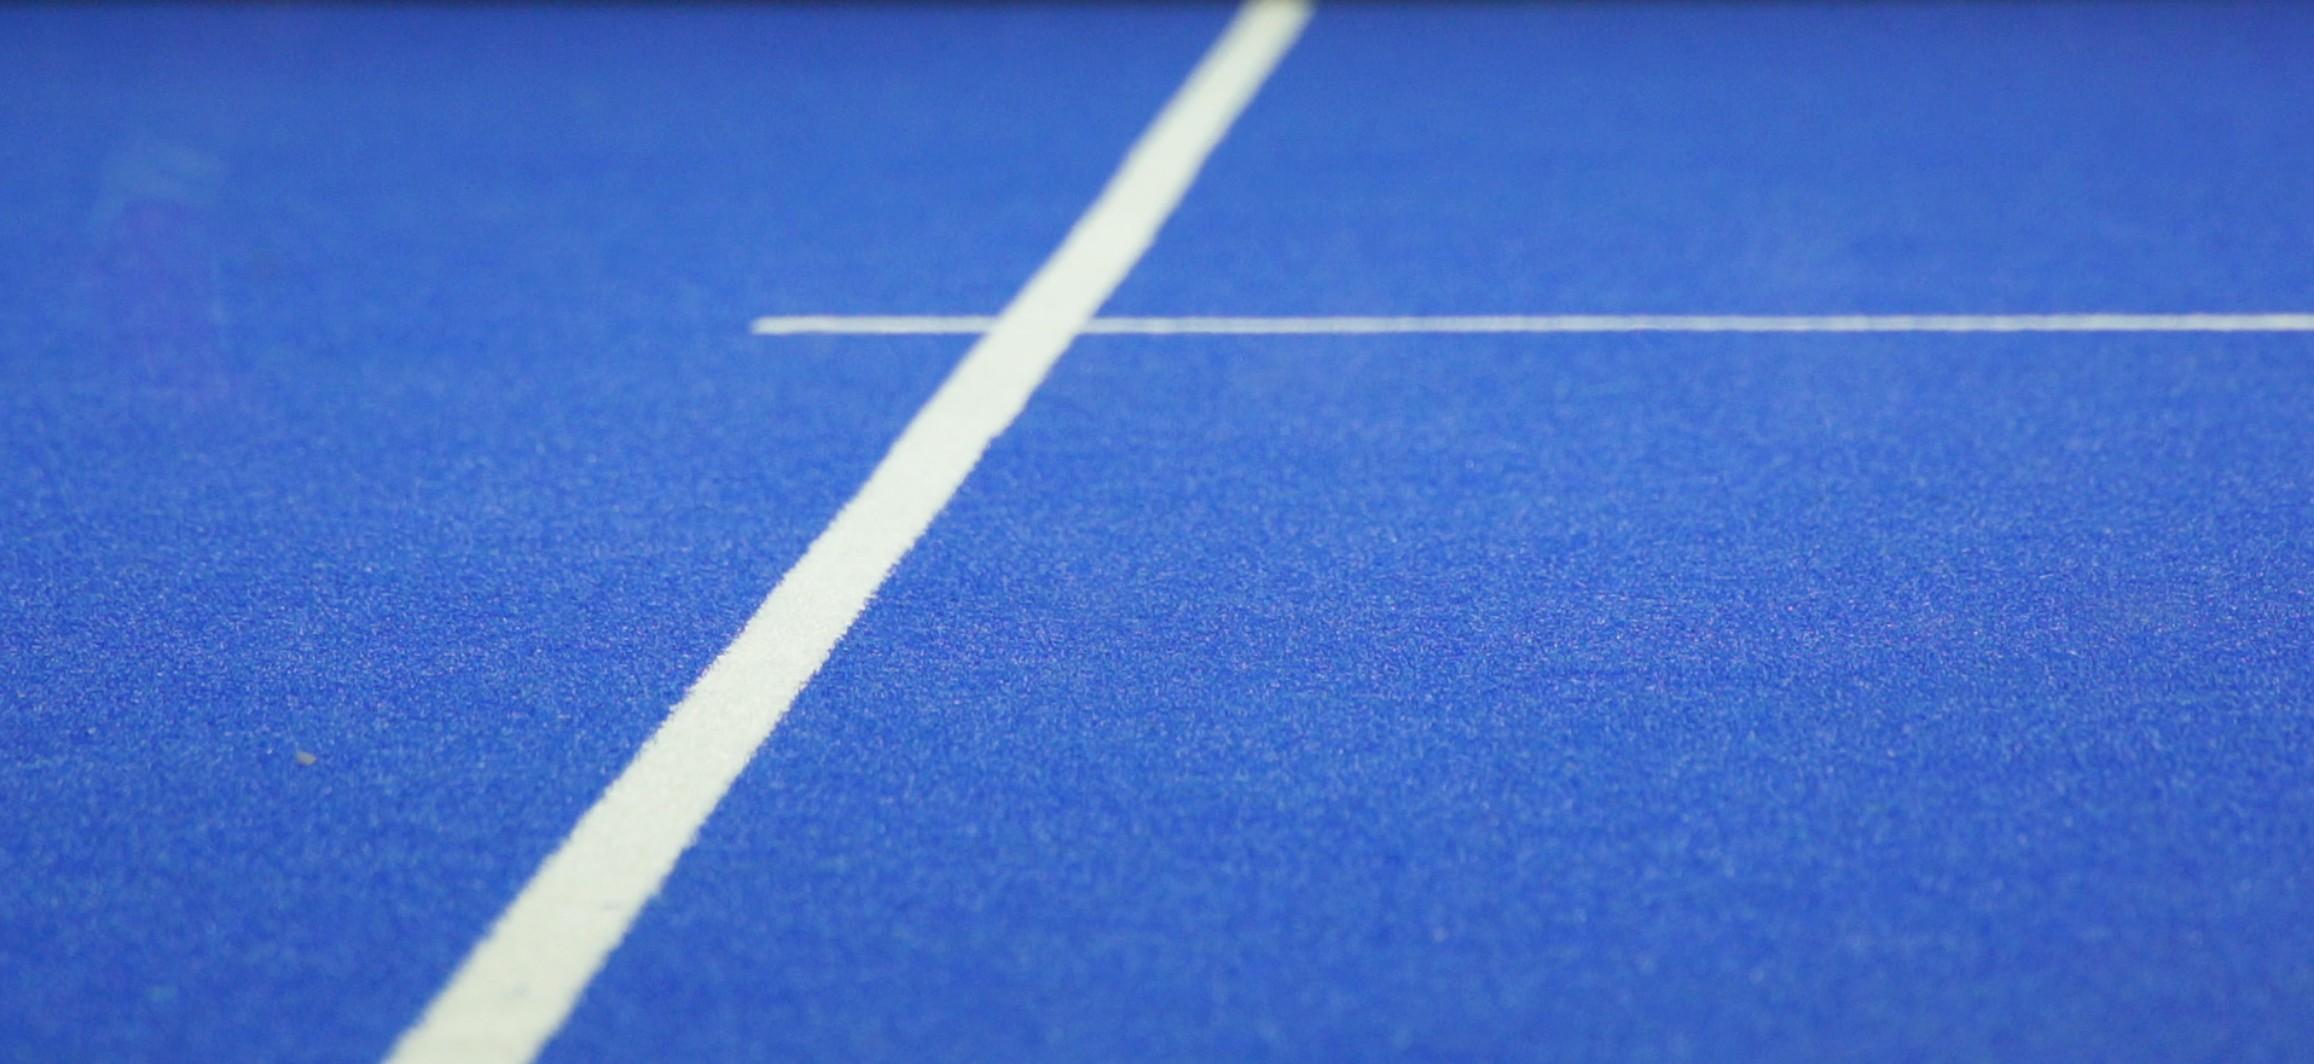 World Padel Tour 2021 se juega con nuevo césped: Supercourt XN de Mondo